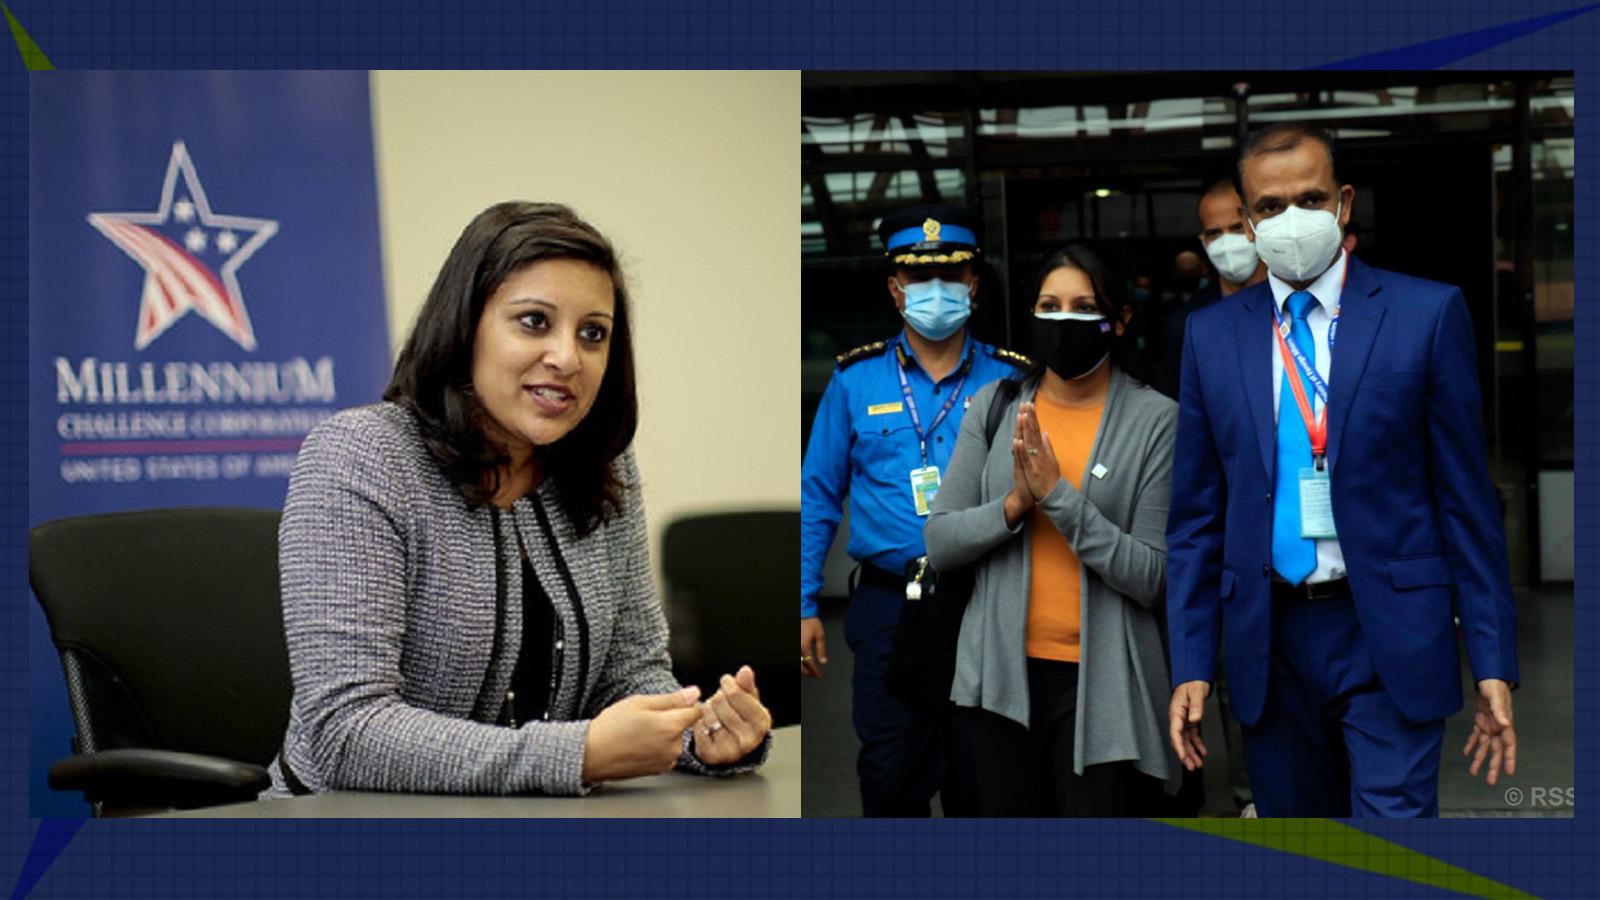 प्रधानमन्त्री र प्रचण्डभन्दा पहिला ओलीलाई भेट्दै एमसीसी उपाध्यक्ष फातिमा सुमार